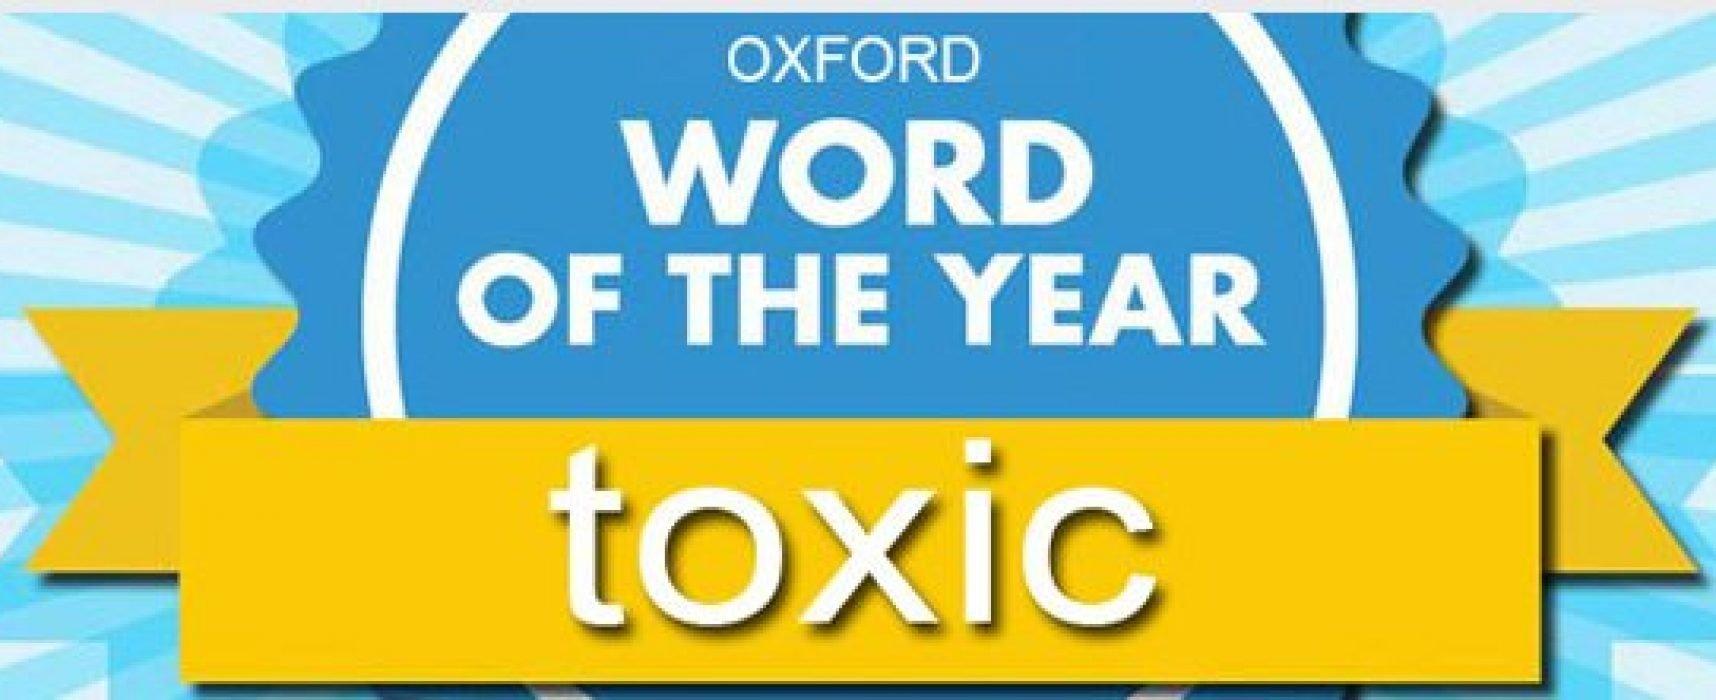 Оксфордский словарь выбрал слово года под влиянием отравления Скрипалей и движения #MeToo